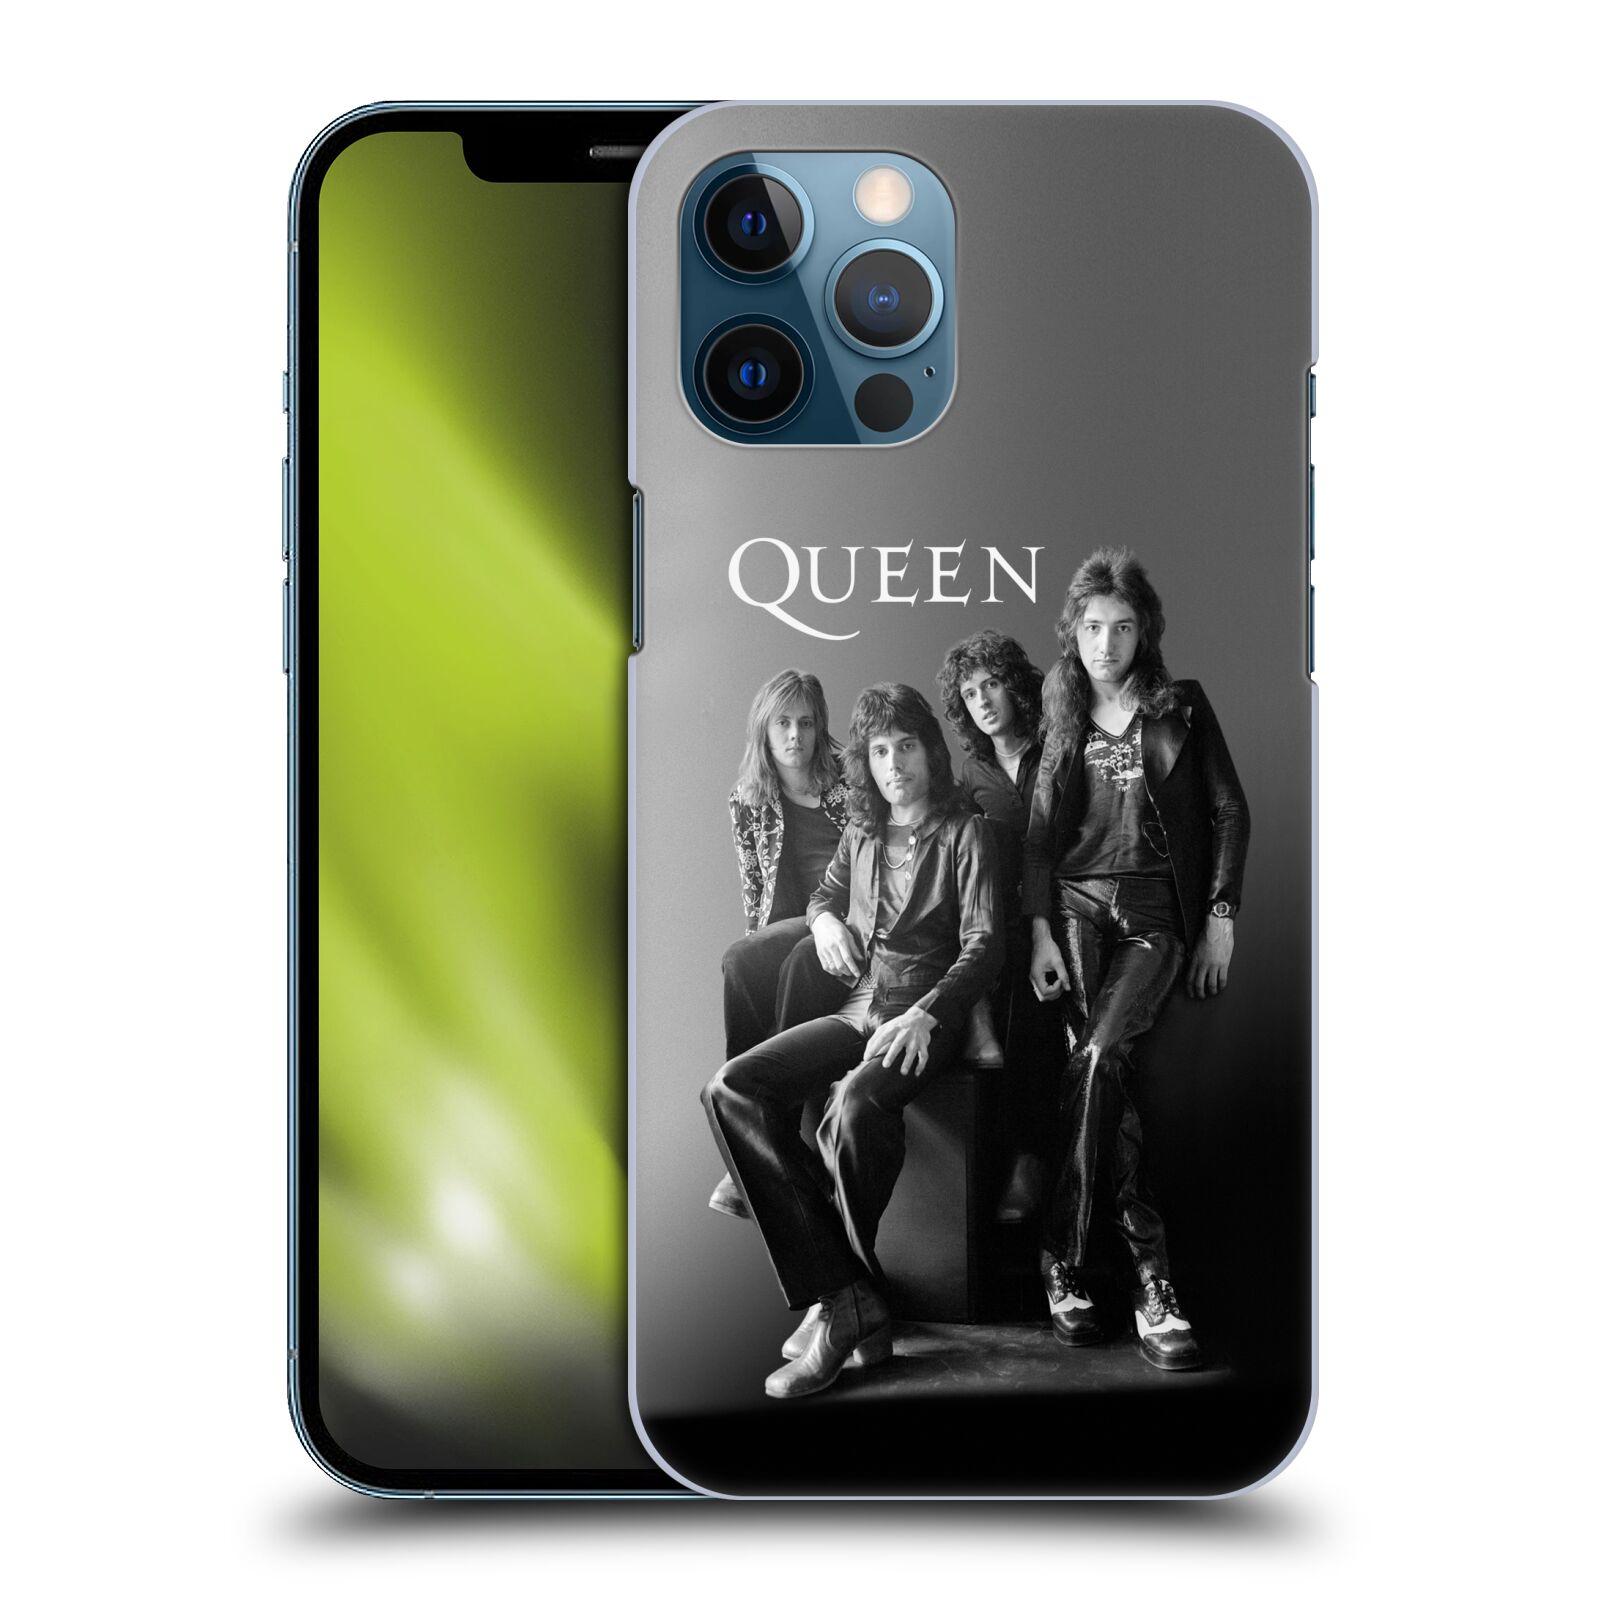 Plastové pouzdro na mobil Apple iPhone 12 Pro Max - Head Case - Queen - Skupina